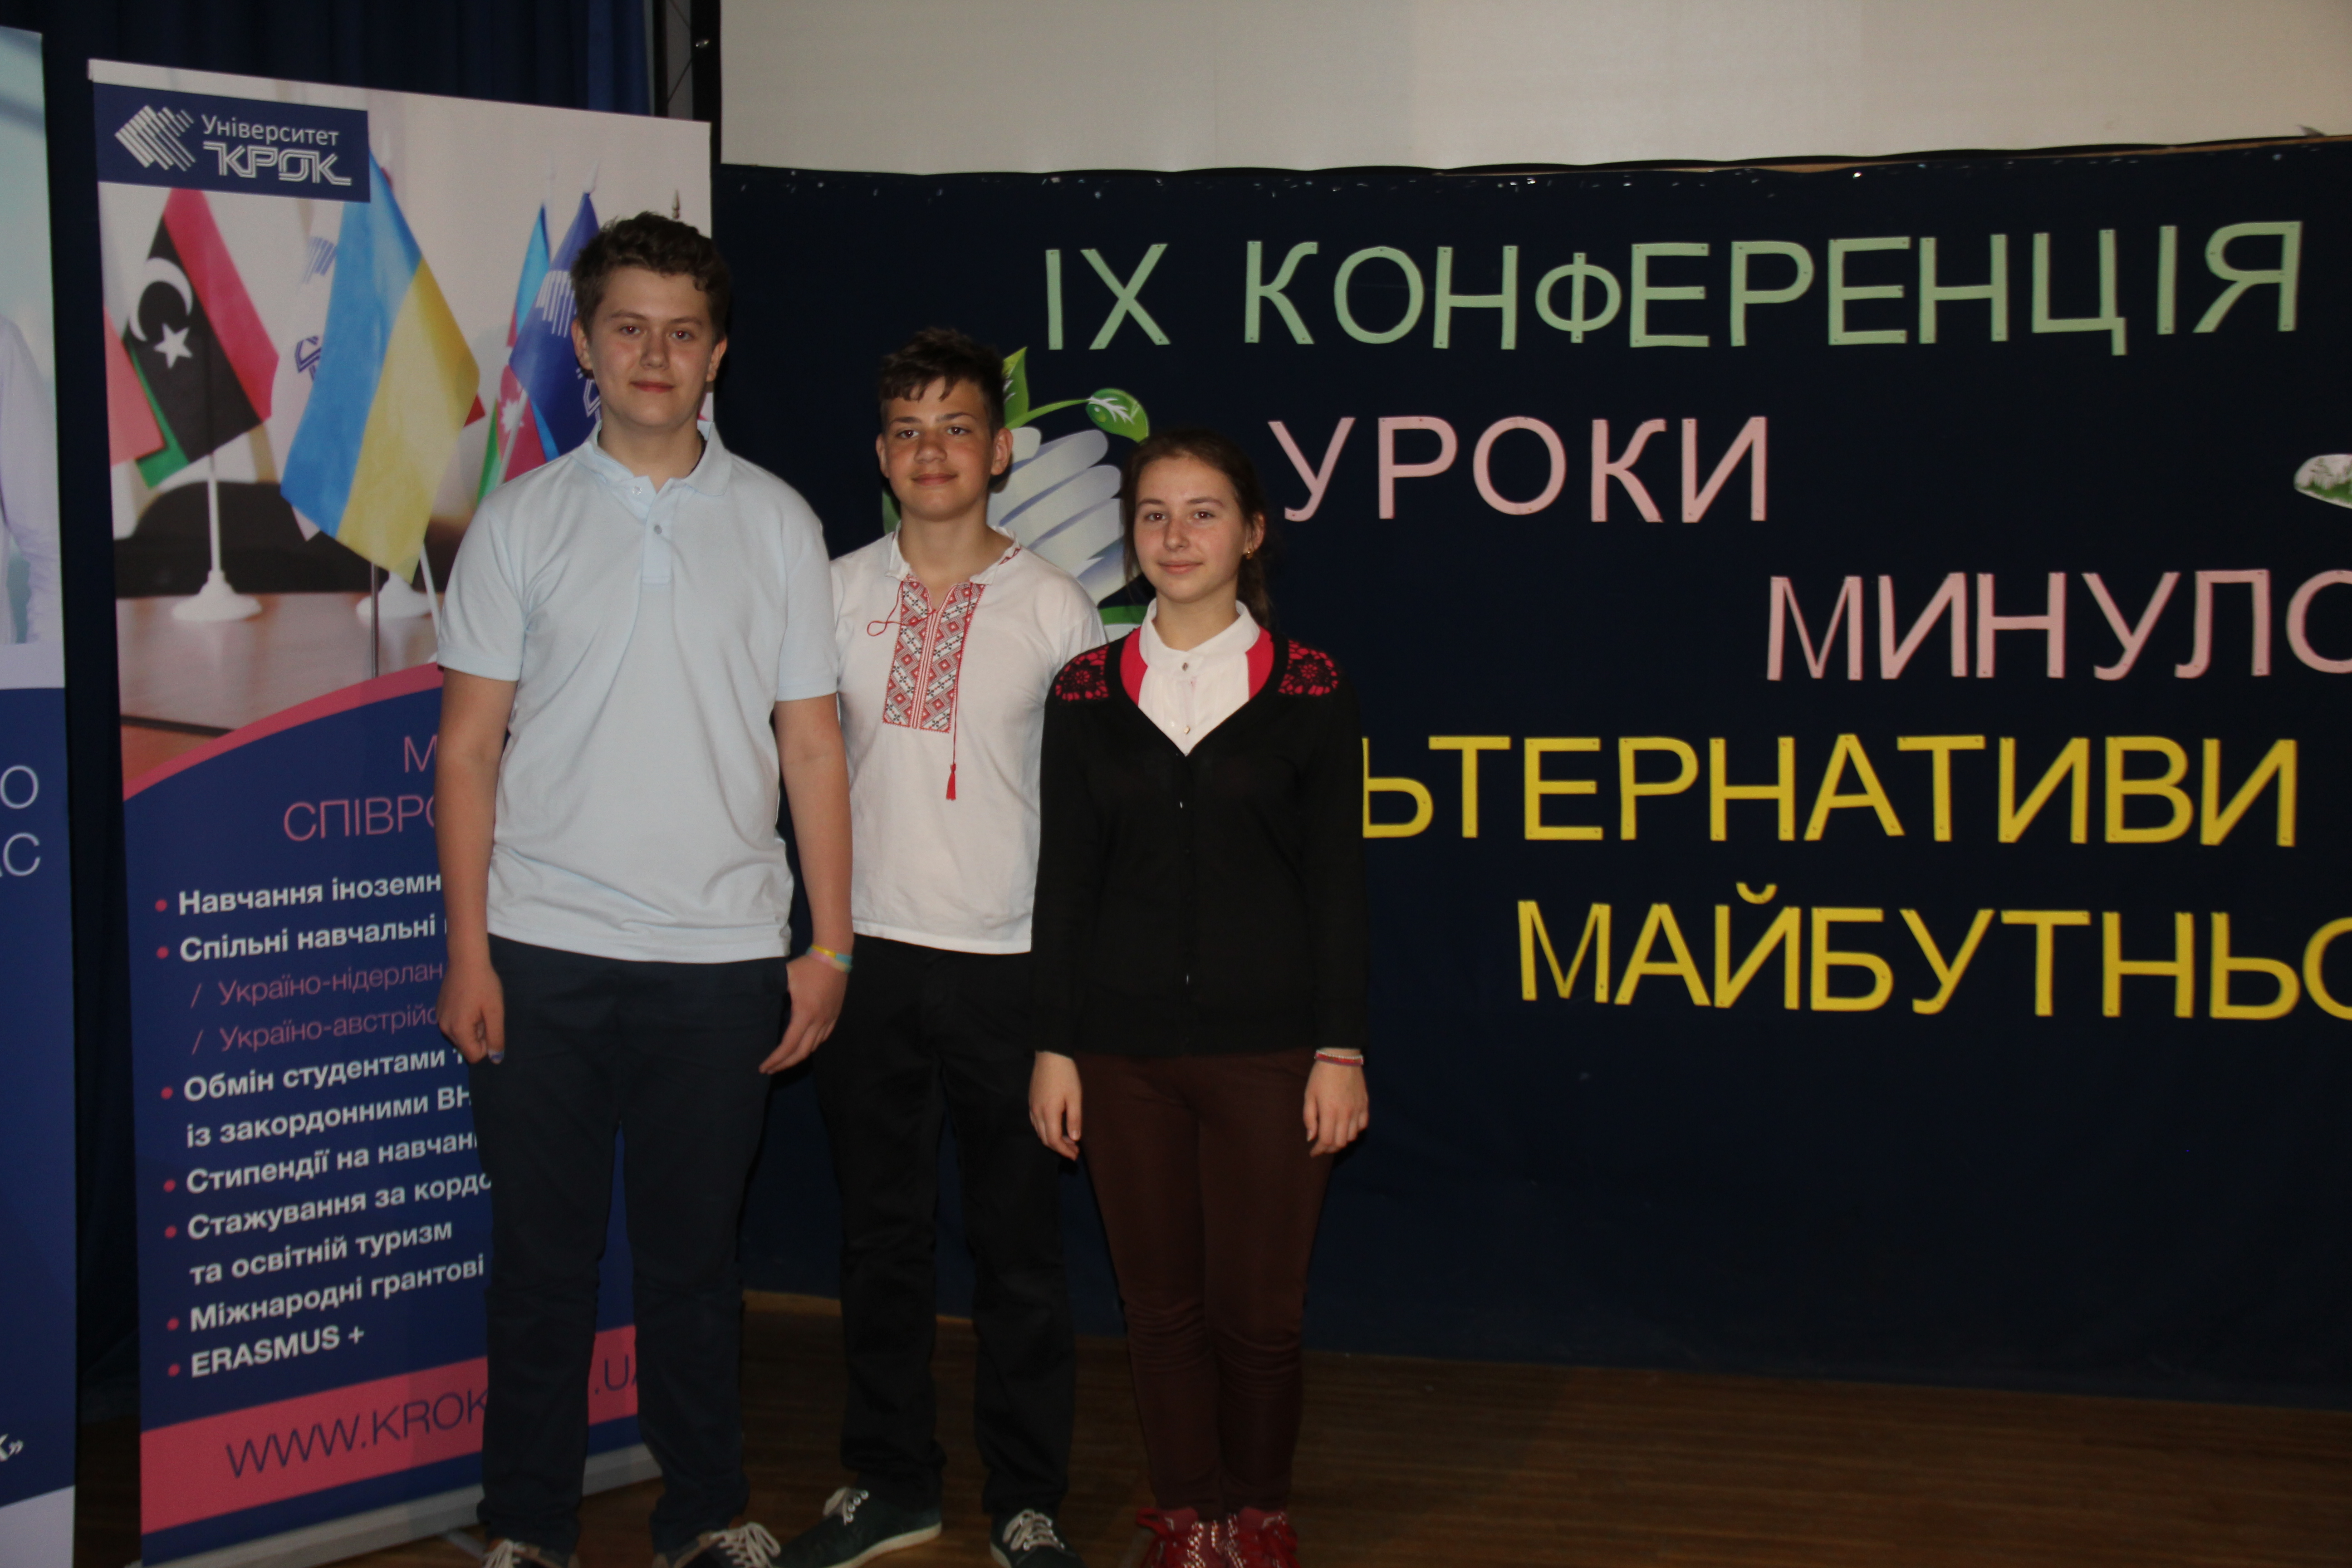 ІХ Всеукраїнська екологічна конференція / 22.04.2016